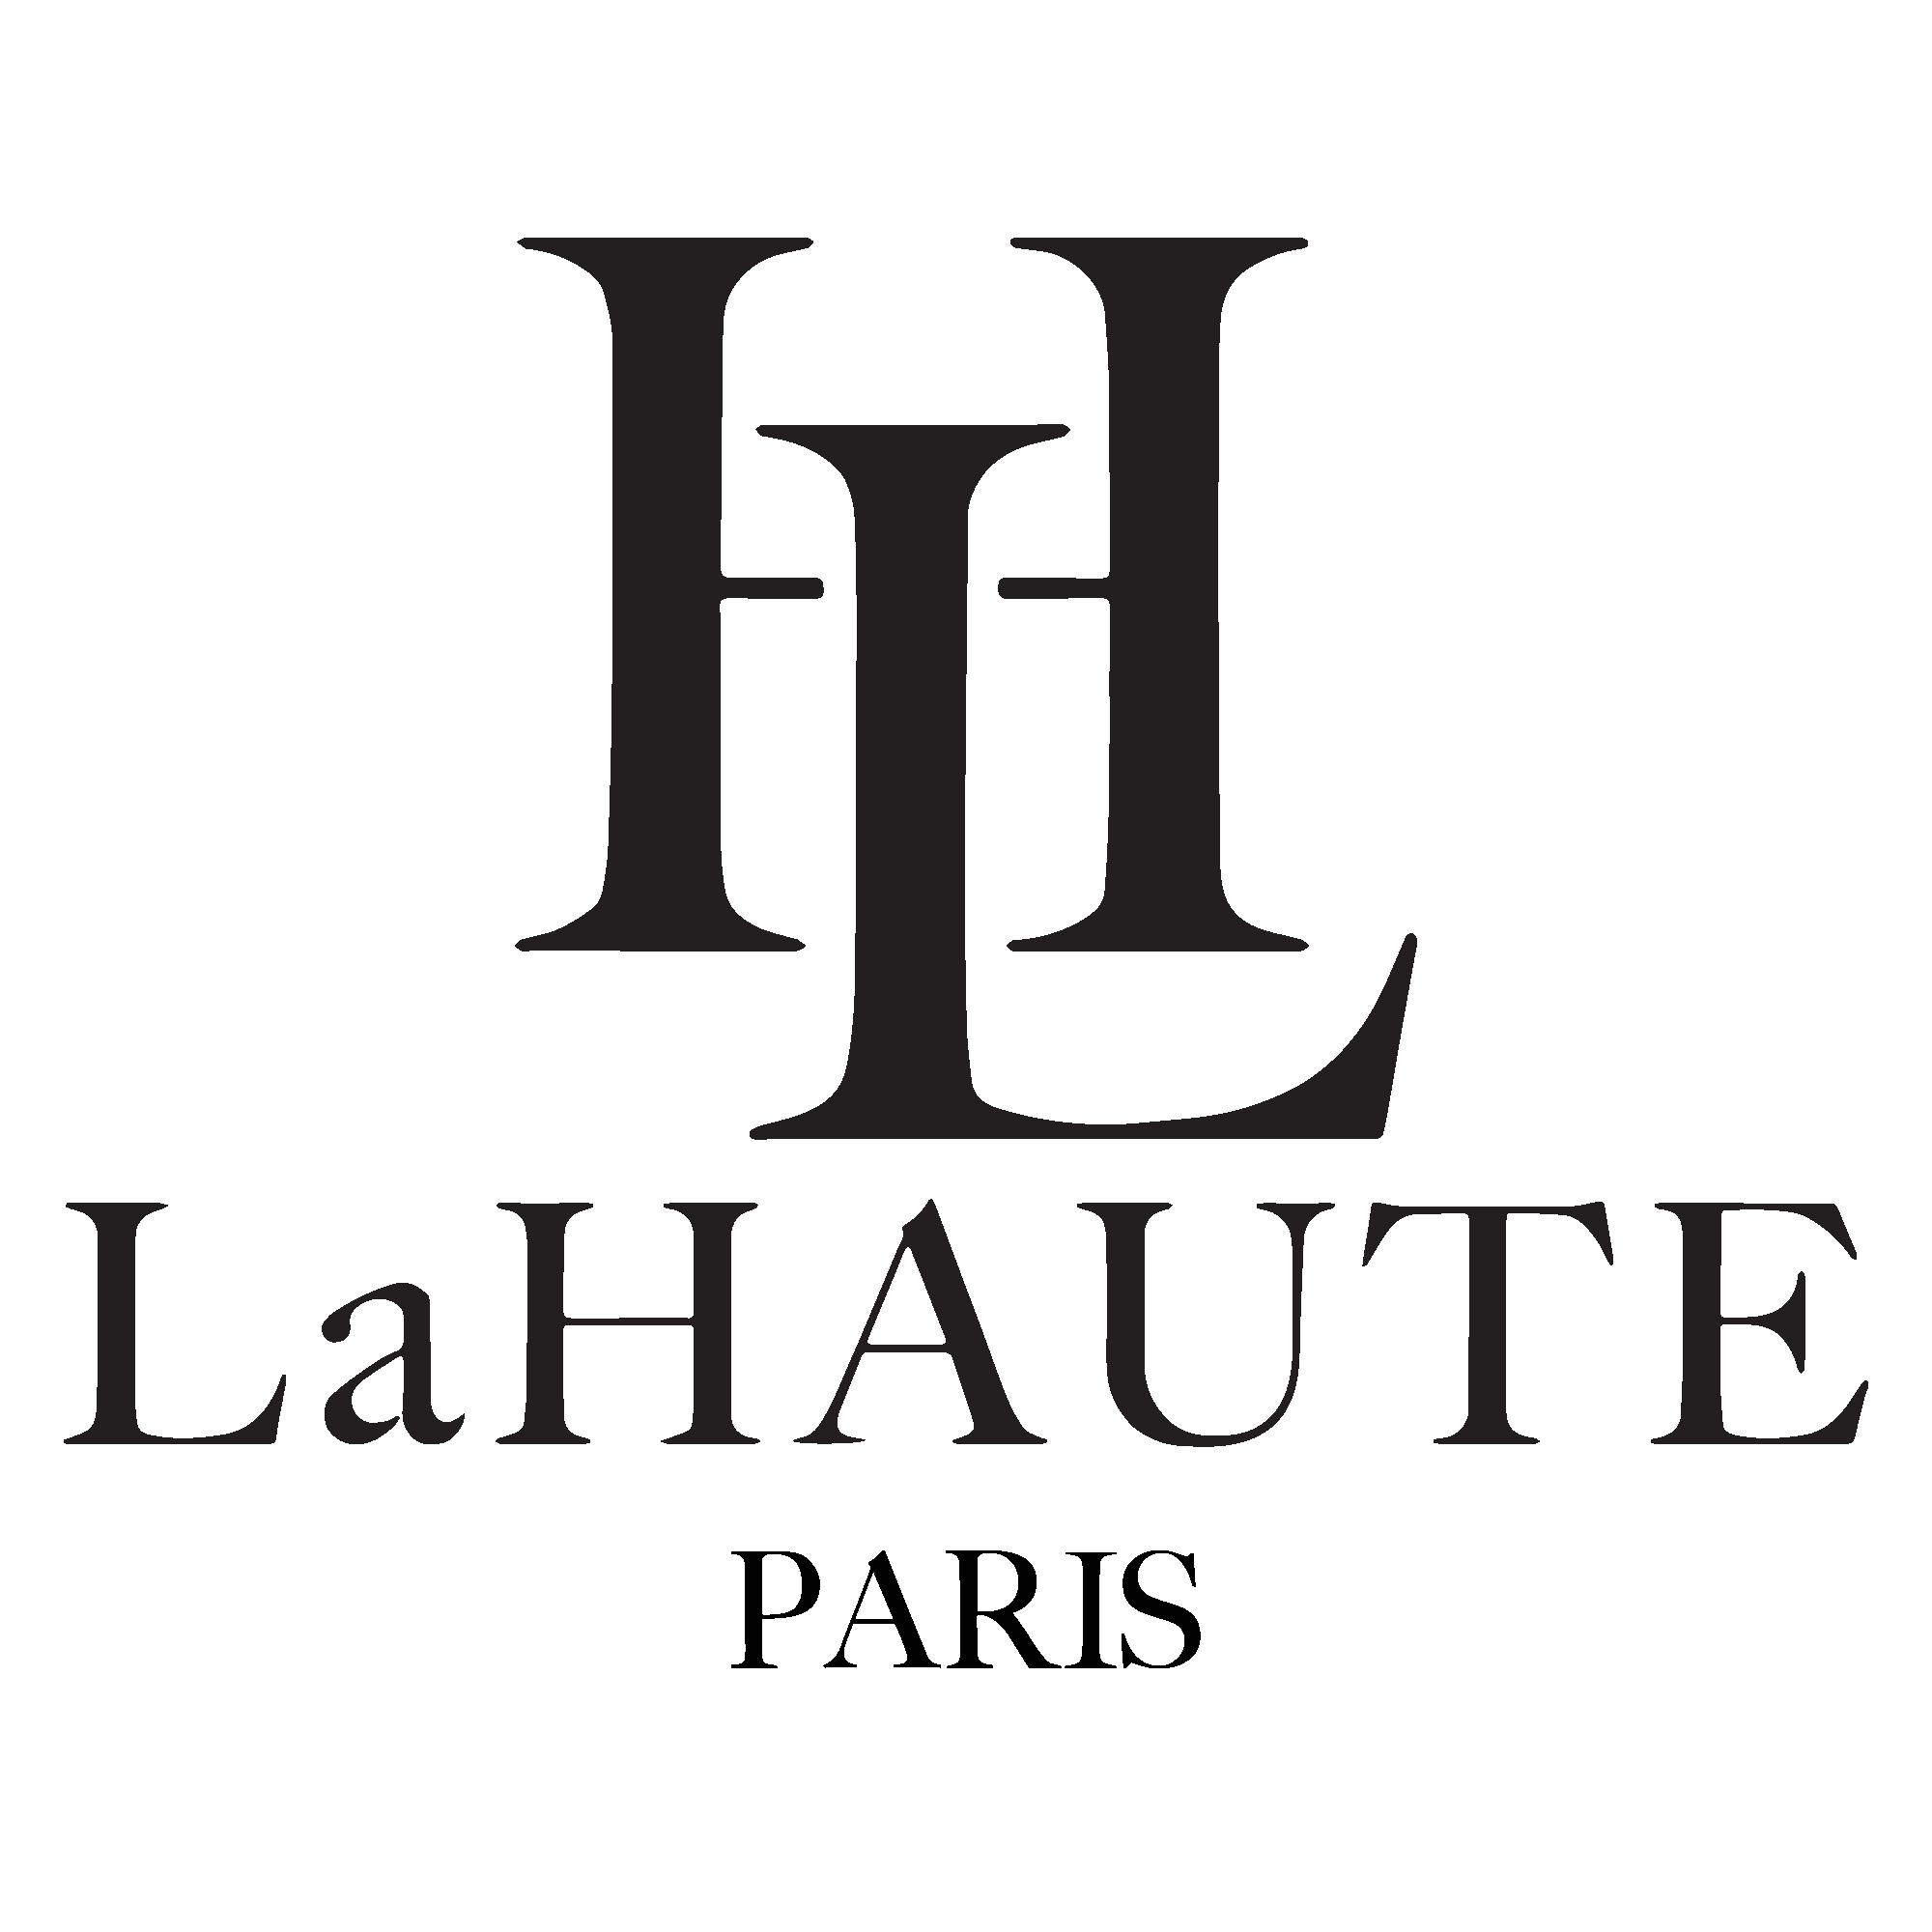 LaHAUTE PARIS